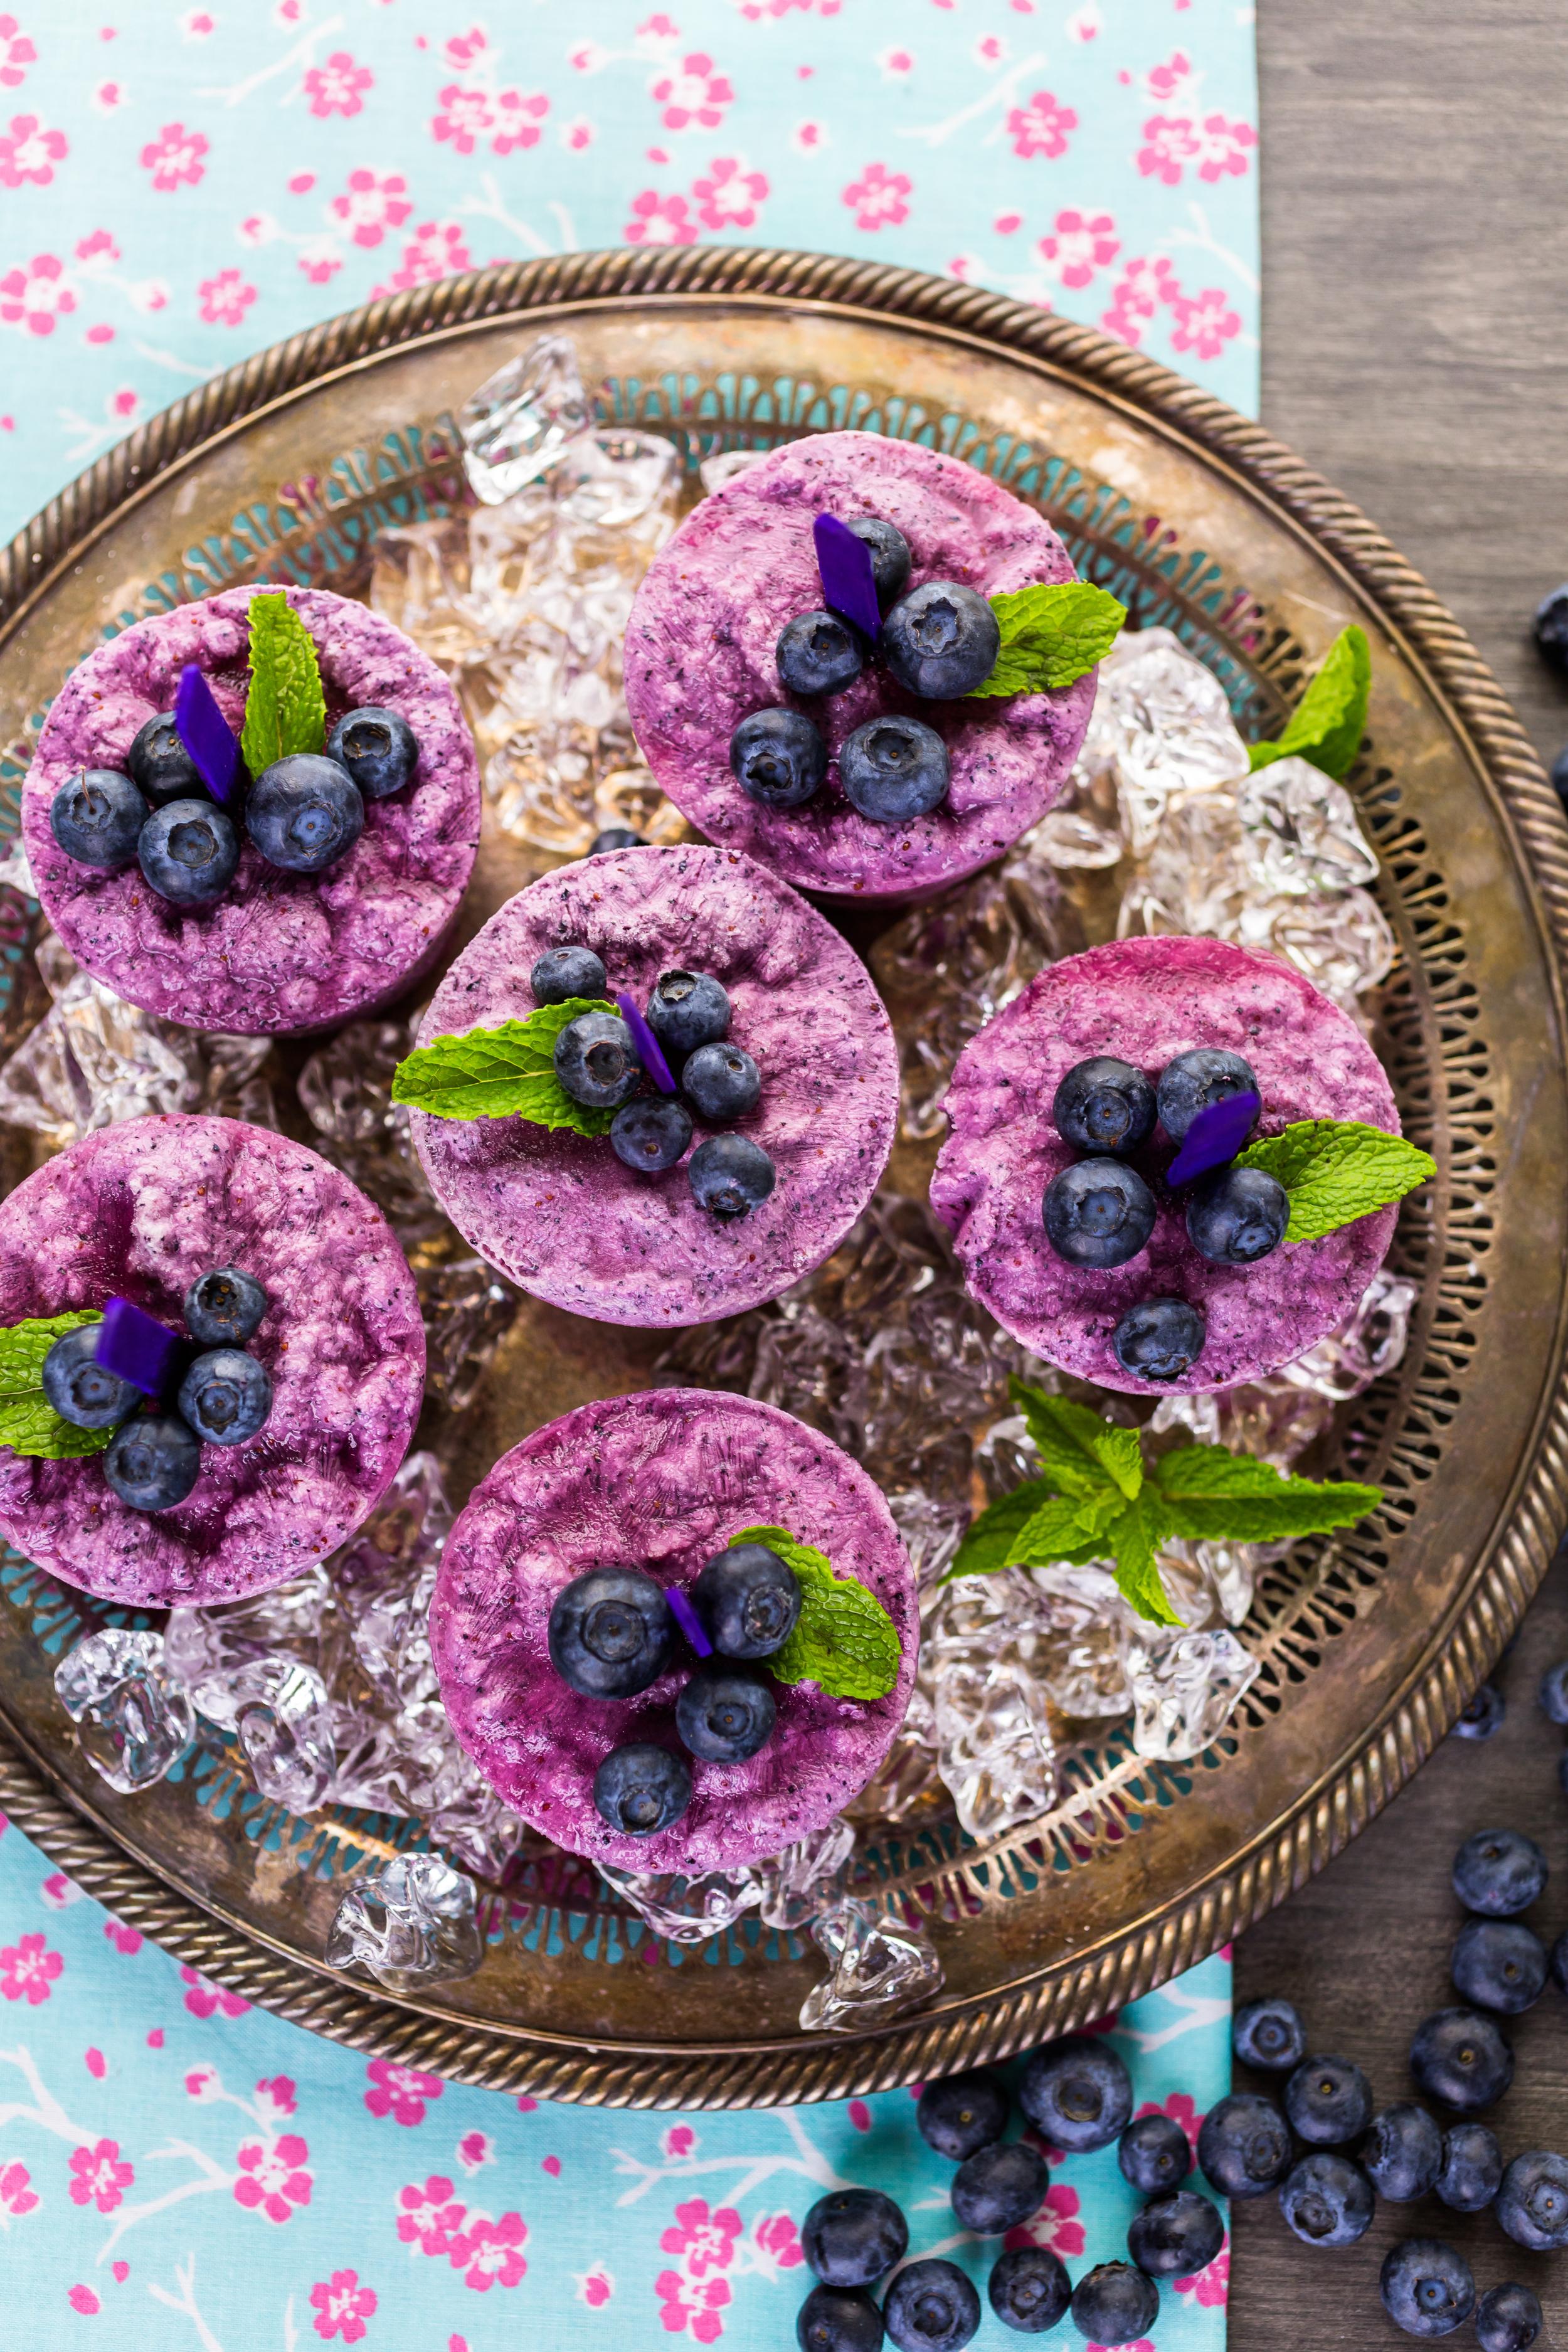 Blueberry-Lemon popsicles!